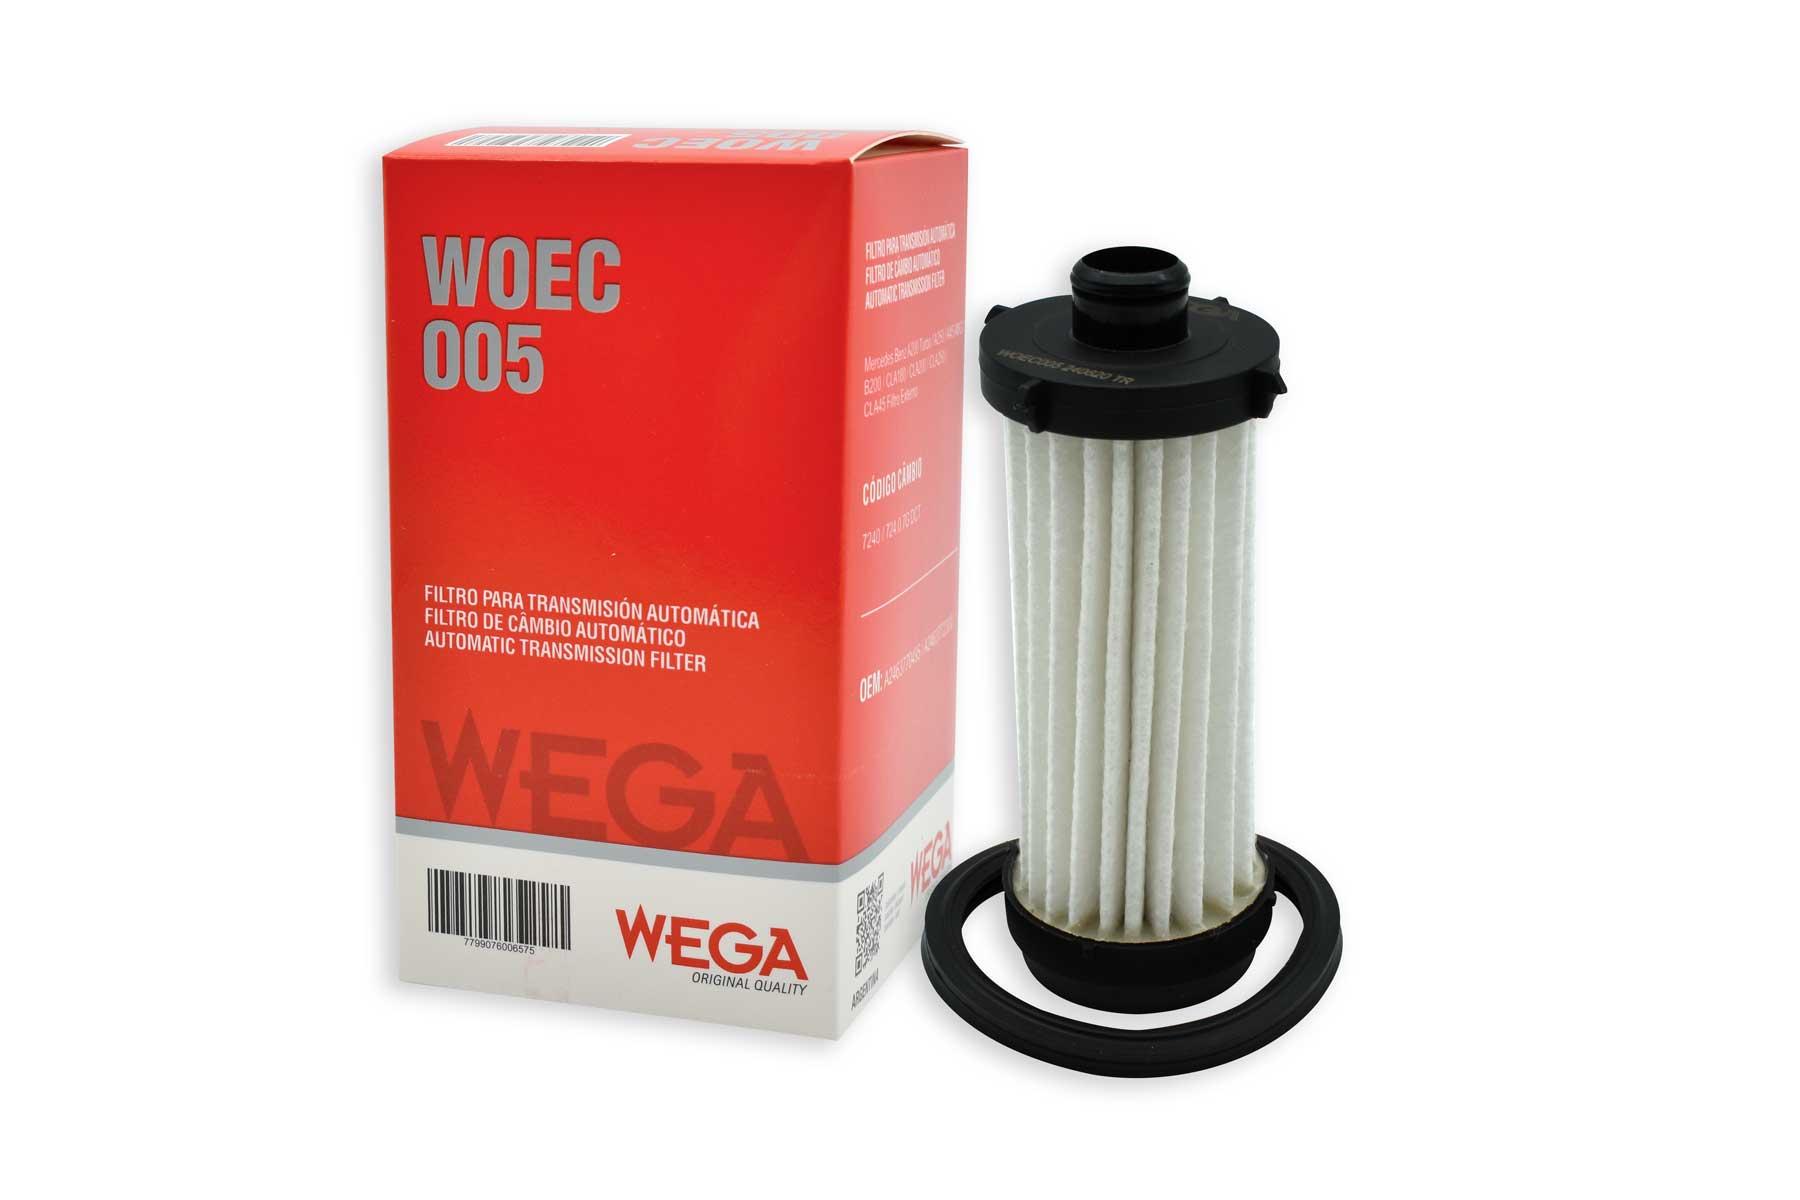 Código: WOEC-005